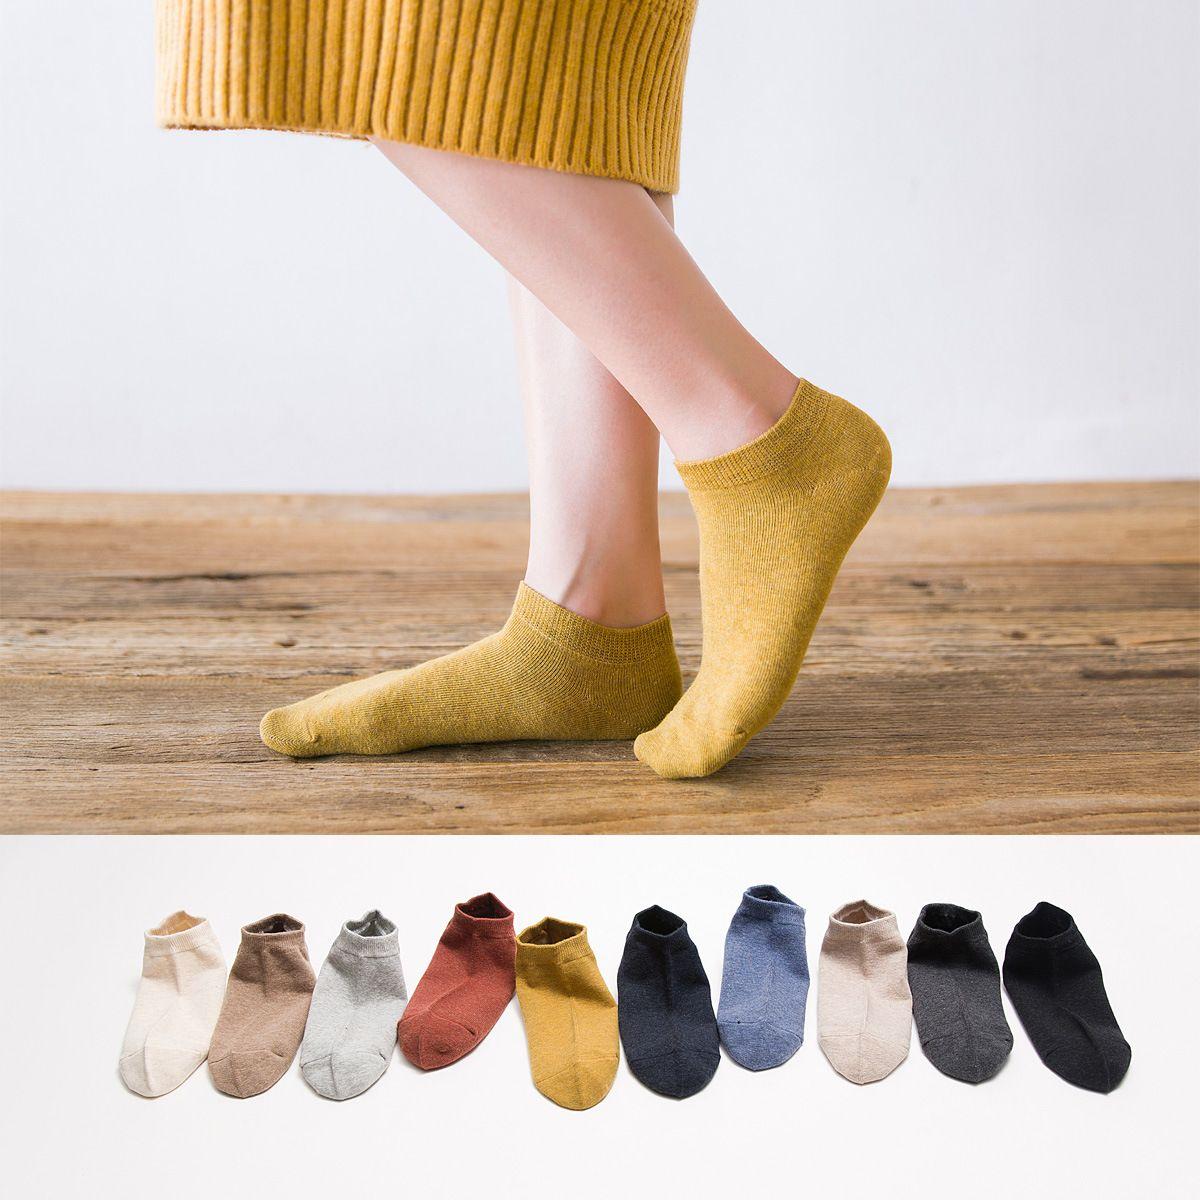 Hart хлопок женские комбинезоны плотная однотонные носки коттоновые носки оптовая продажа высокого класса цвет спиннинг производителей